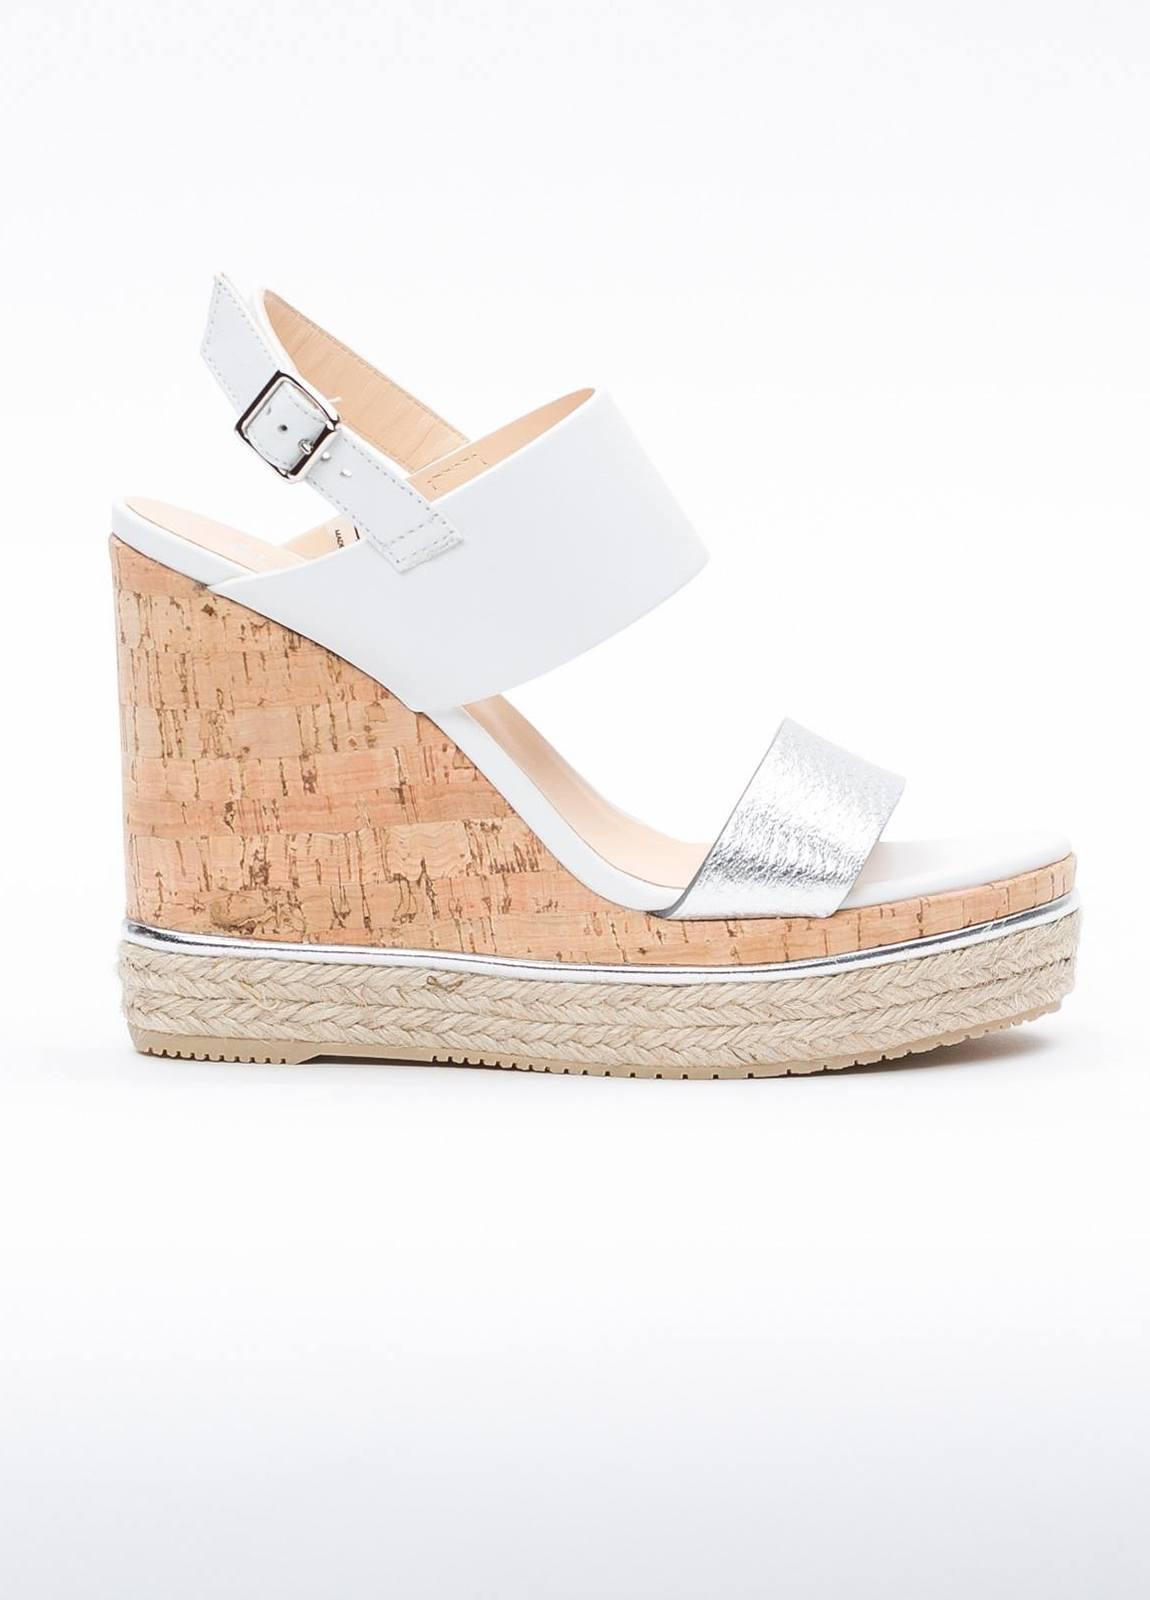 Sandalia en piel con pulsera al tobillo color blanco y plata, cuña y plataforma en corcho, detalle de cuerda trenzada y suela de goma.